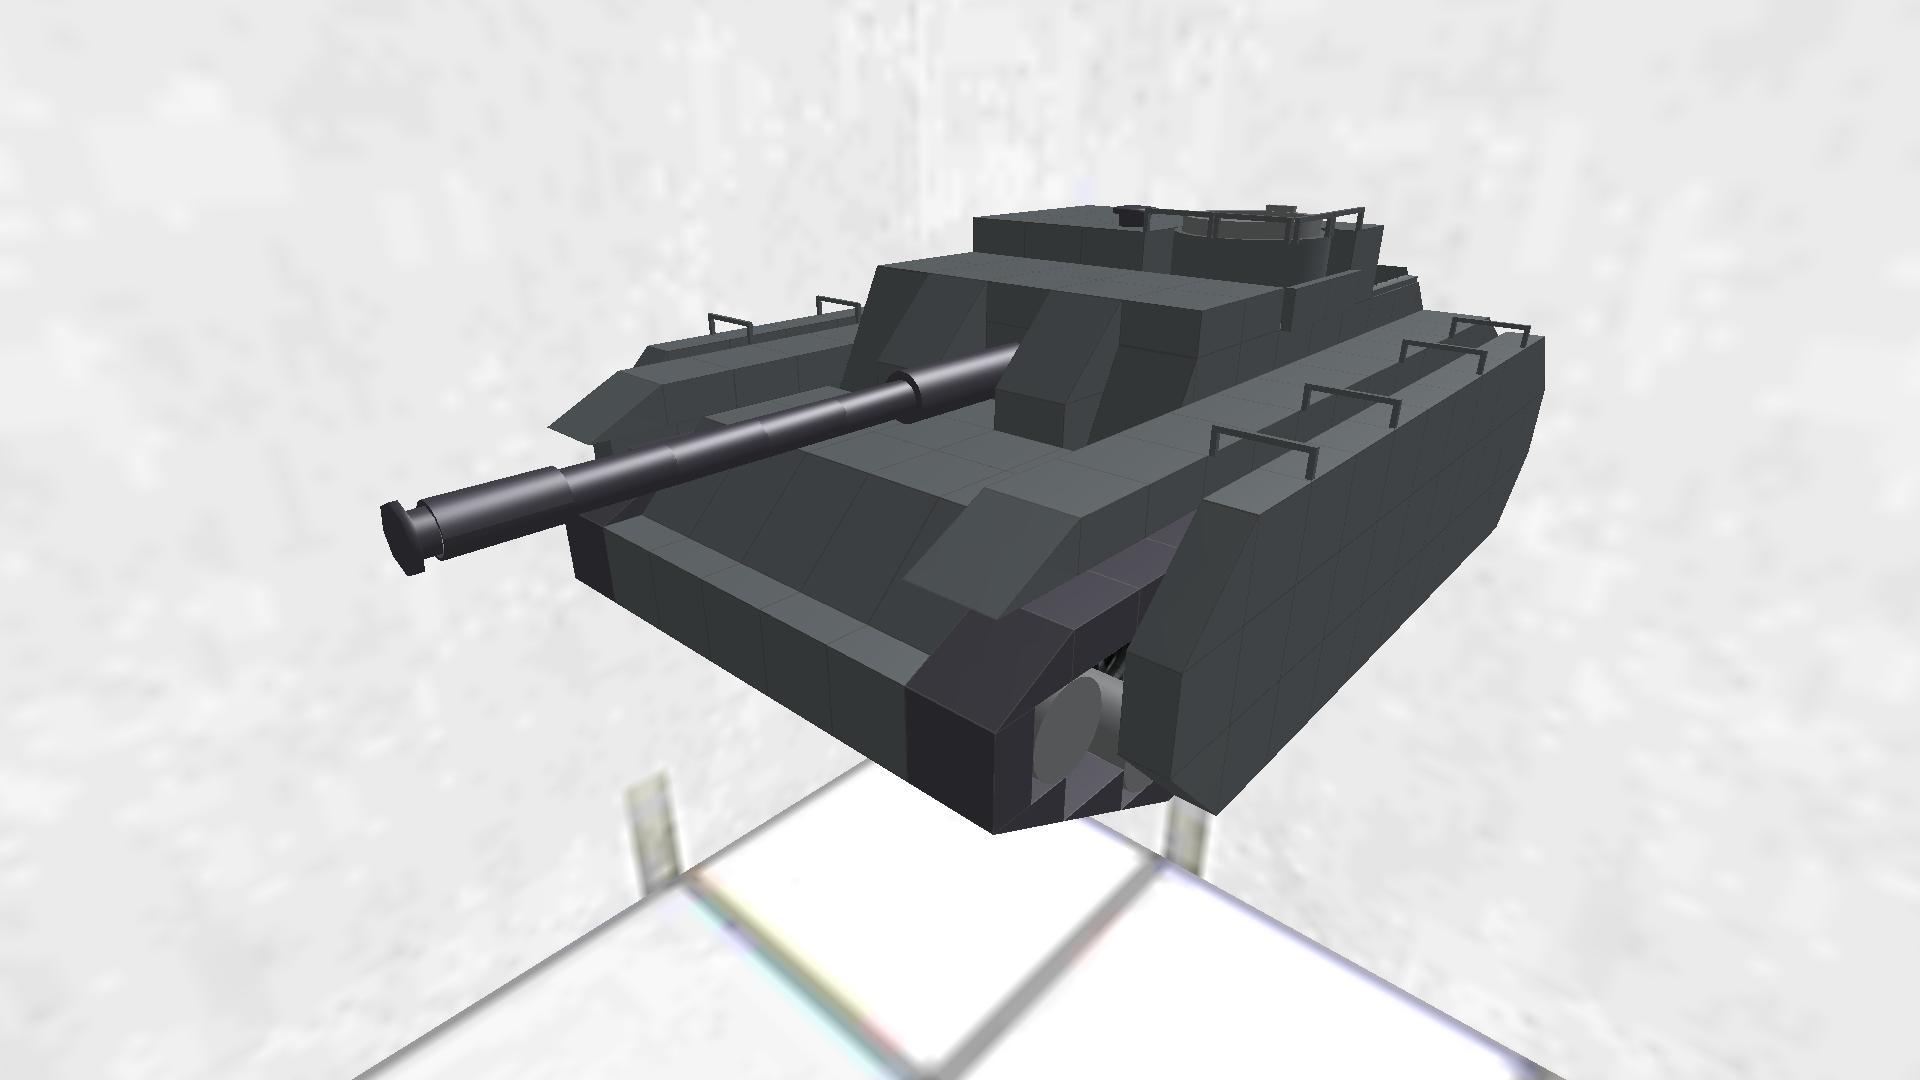 Sturmgeschütz III Ausführung G